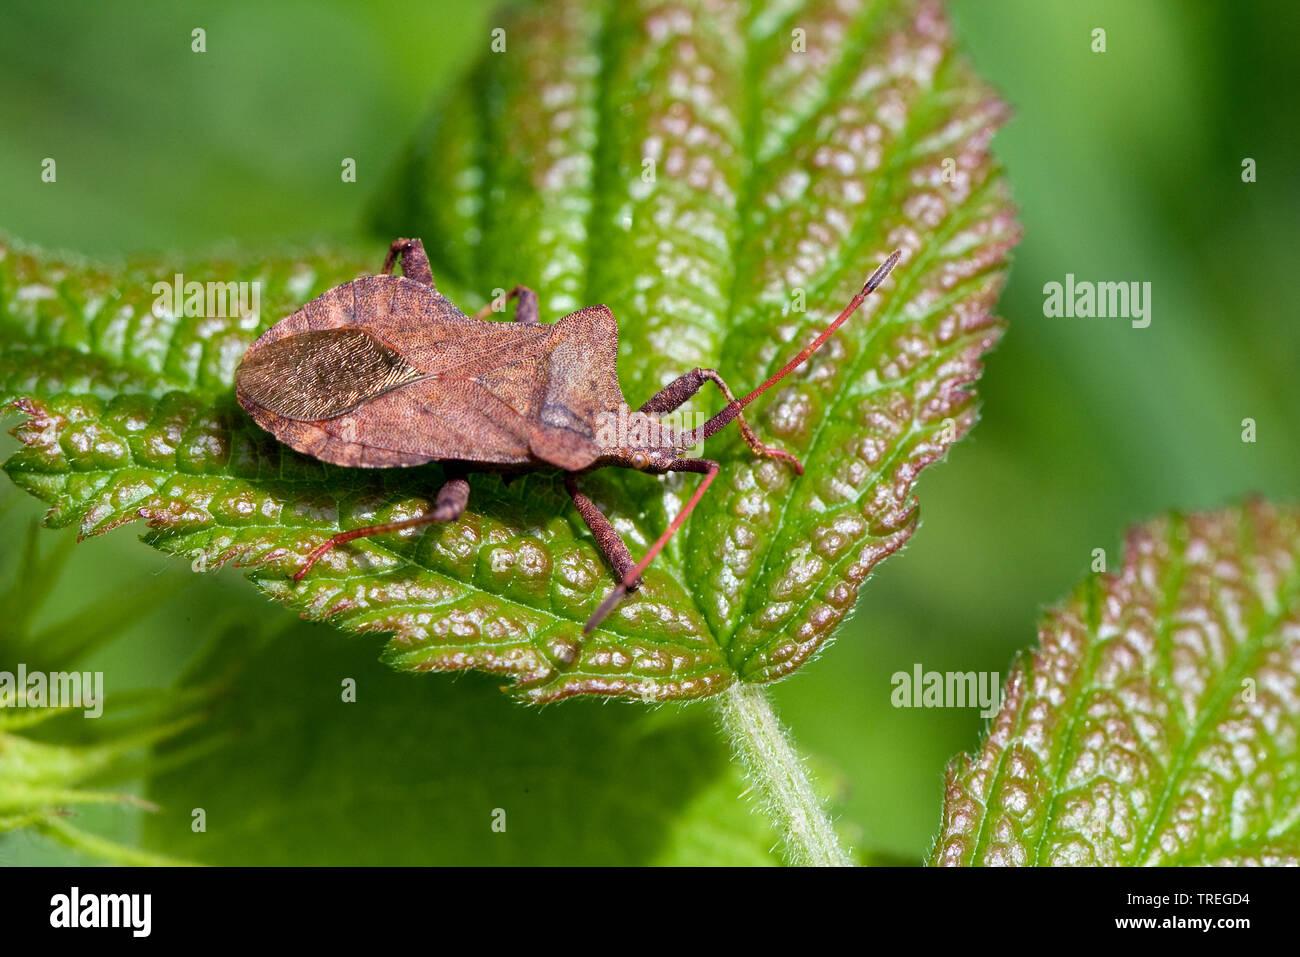 Saumwanze, Saum-Wanze, Lederwanze, Leder-Wanze, Randwanze, Rand-Wanze (Coreus marginatus, Mesocerus marginatus), sitzt auf einem Blatt, Niederlande | - Stock Image